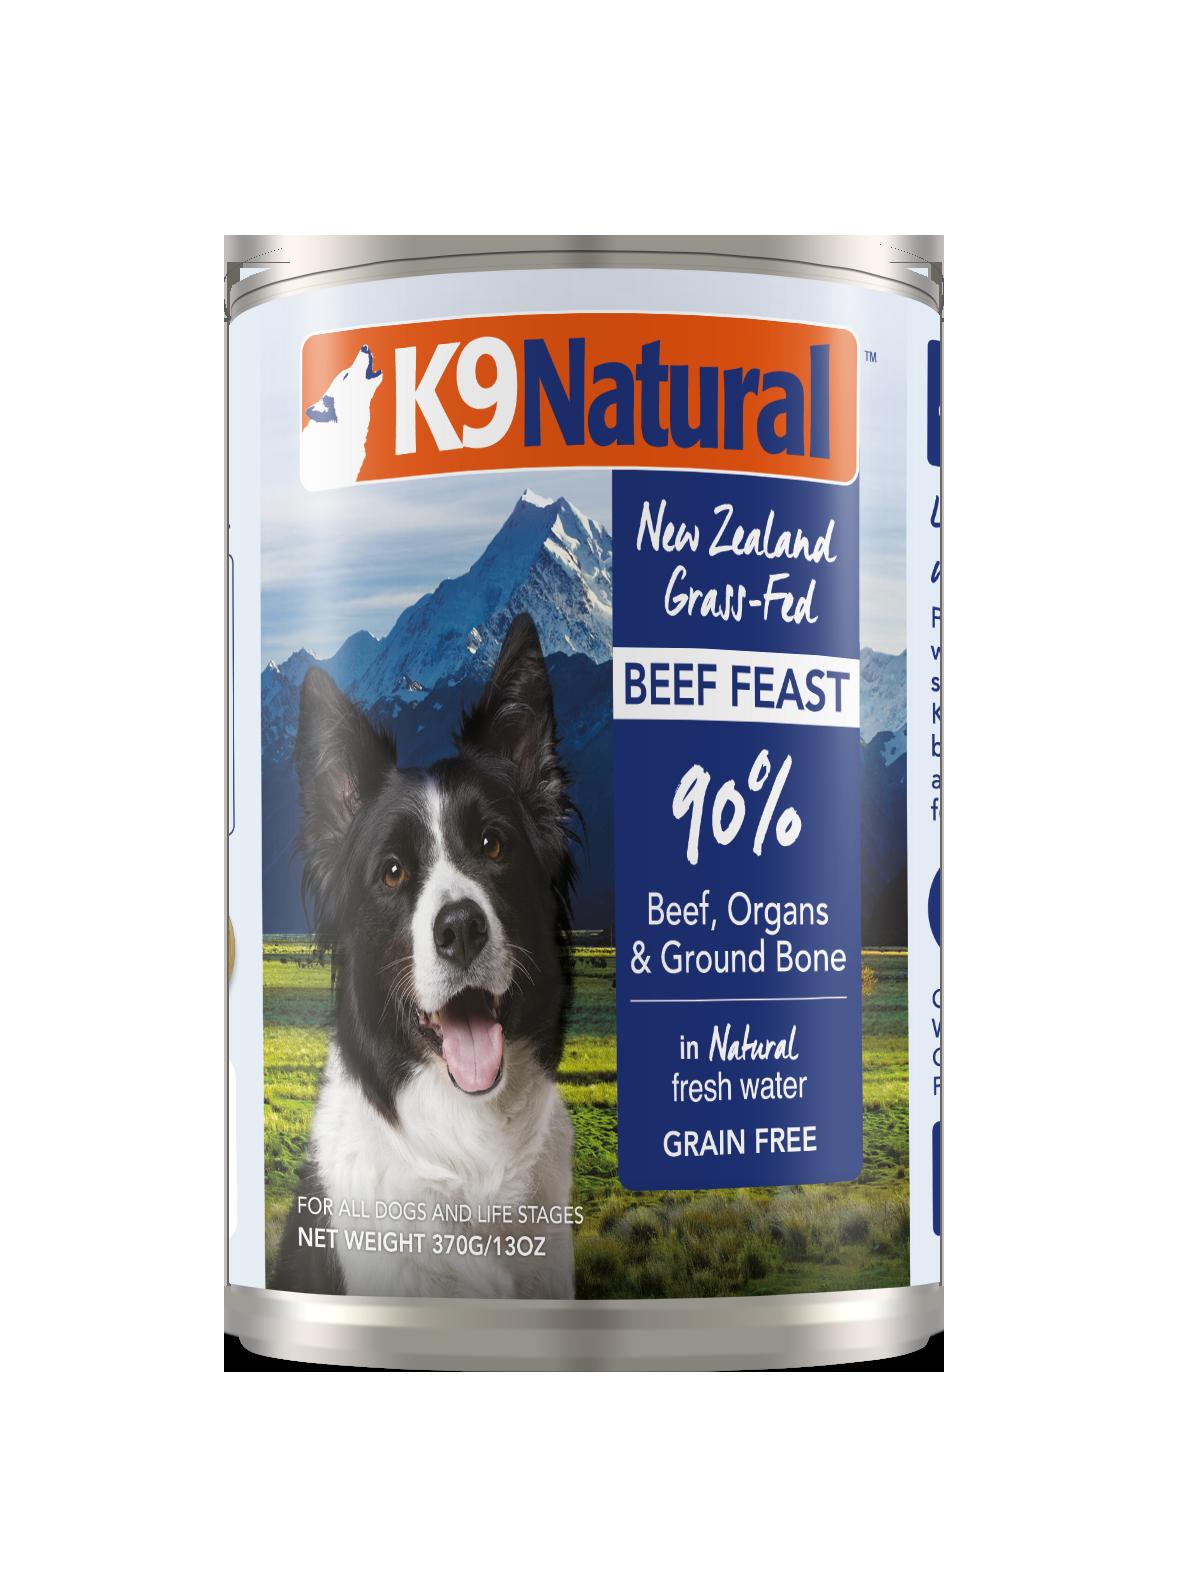 K9 Natural K9 Natural Beef Feast Wet Dog Food 13oz